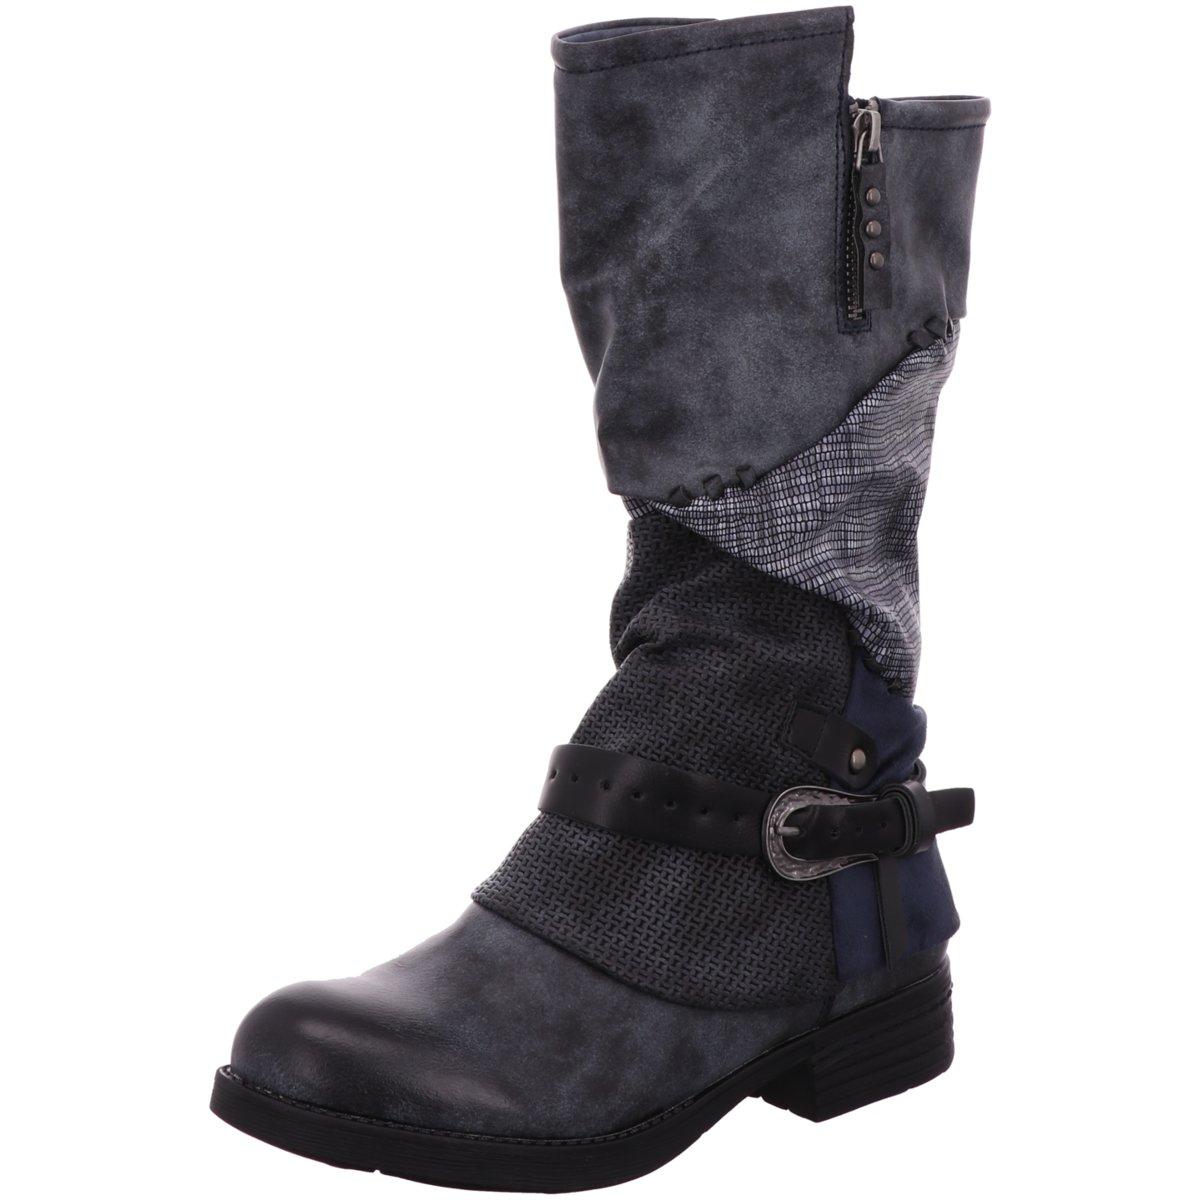 Details zu Laufsteg München Damen Stiefel HW190211 ANTIK BLACK schwarz 777008